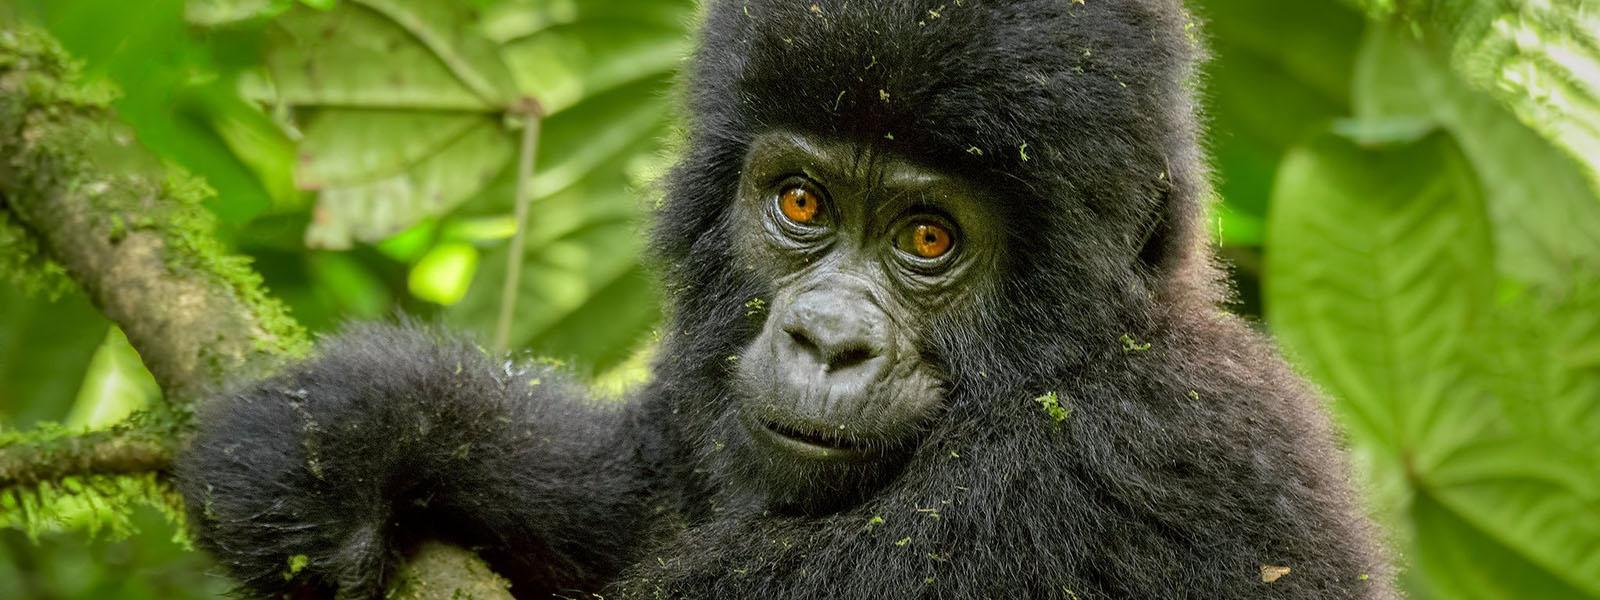 Uganda Gorilla Trekking From Kigali